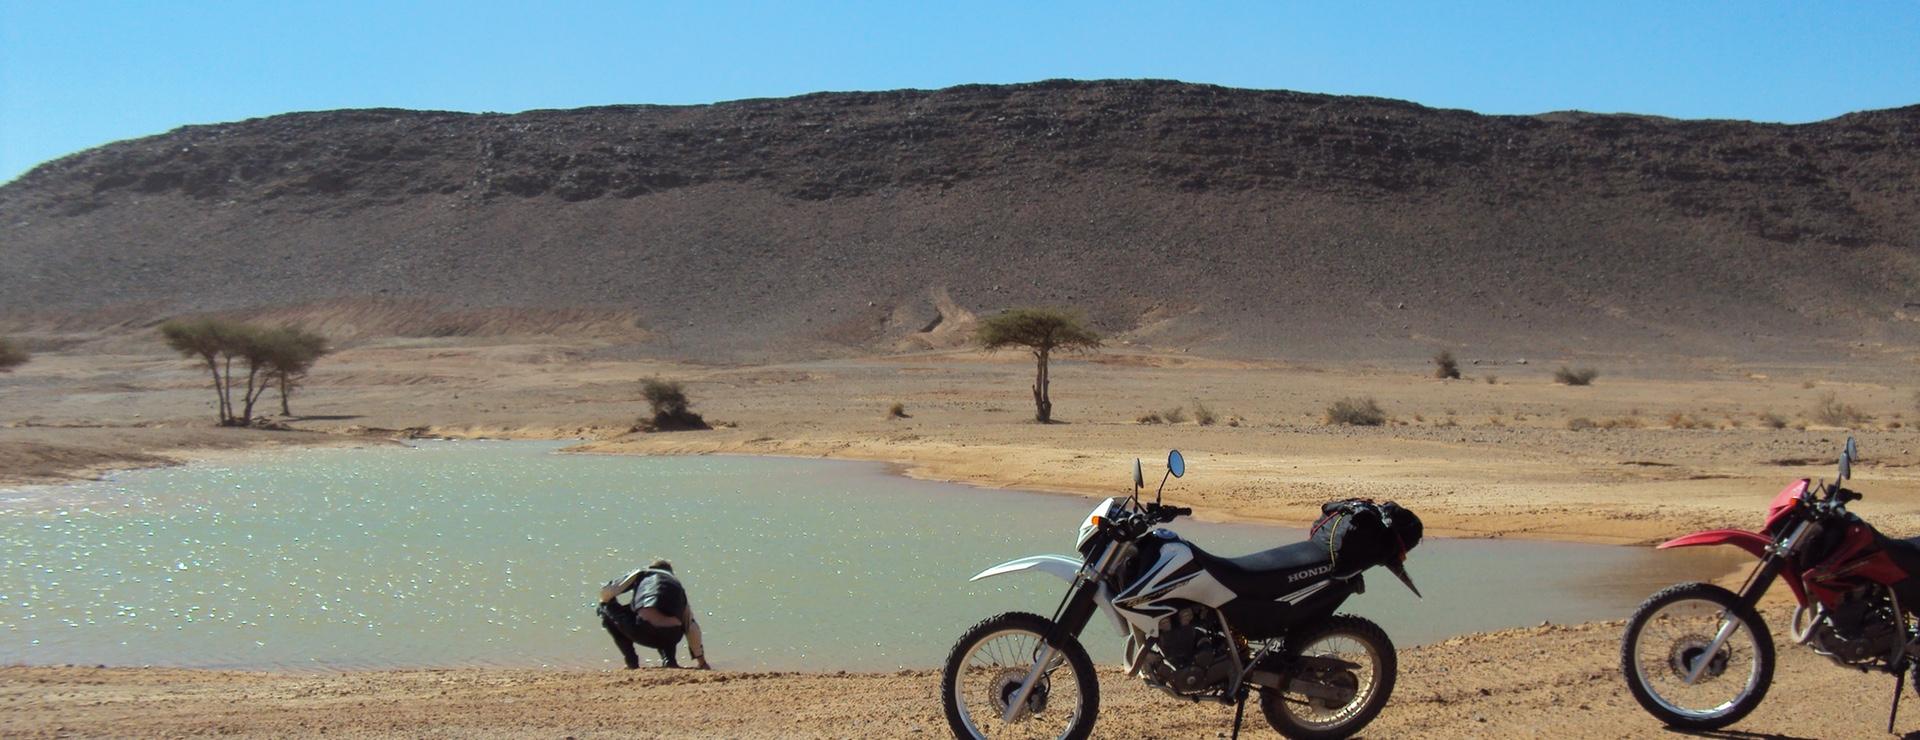 Oase omgeving Tazarine marokko